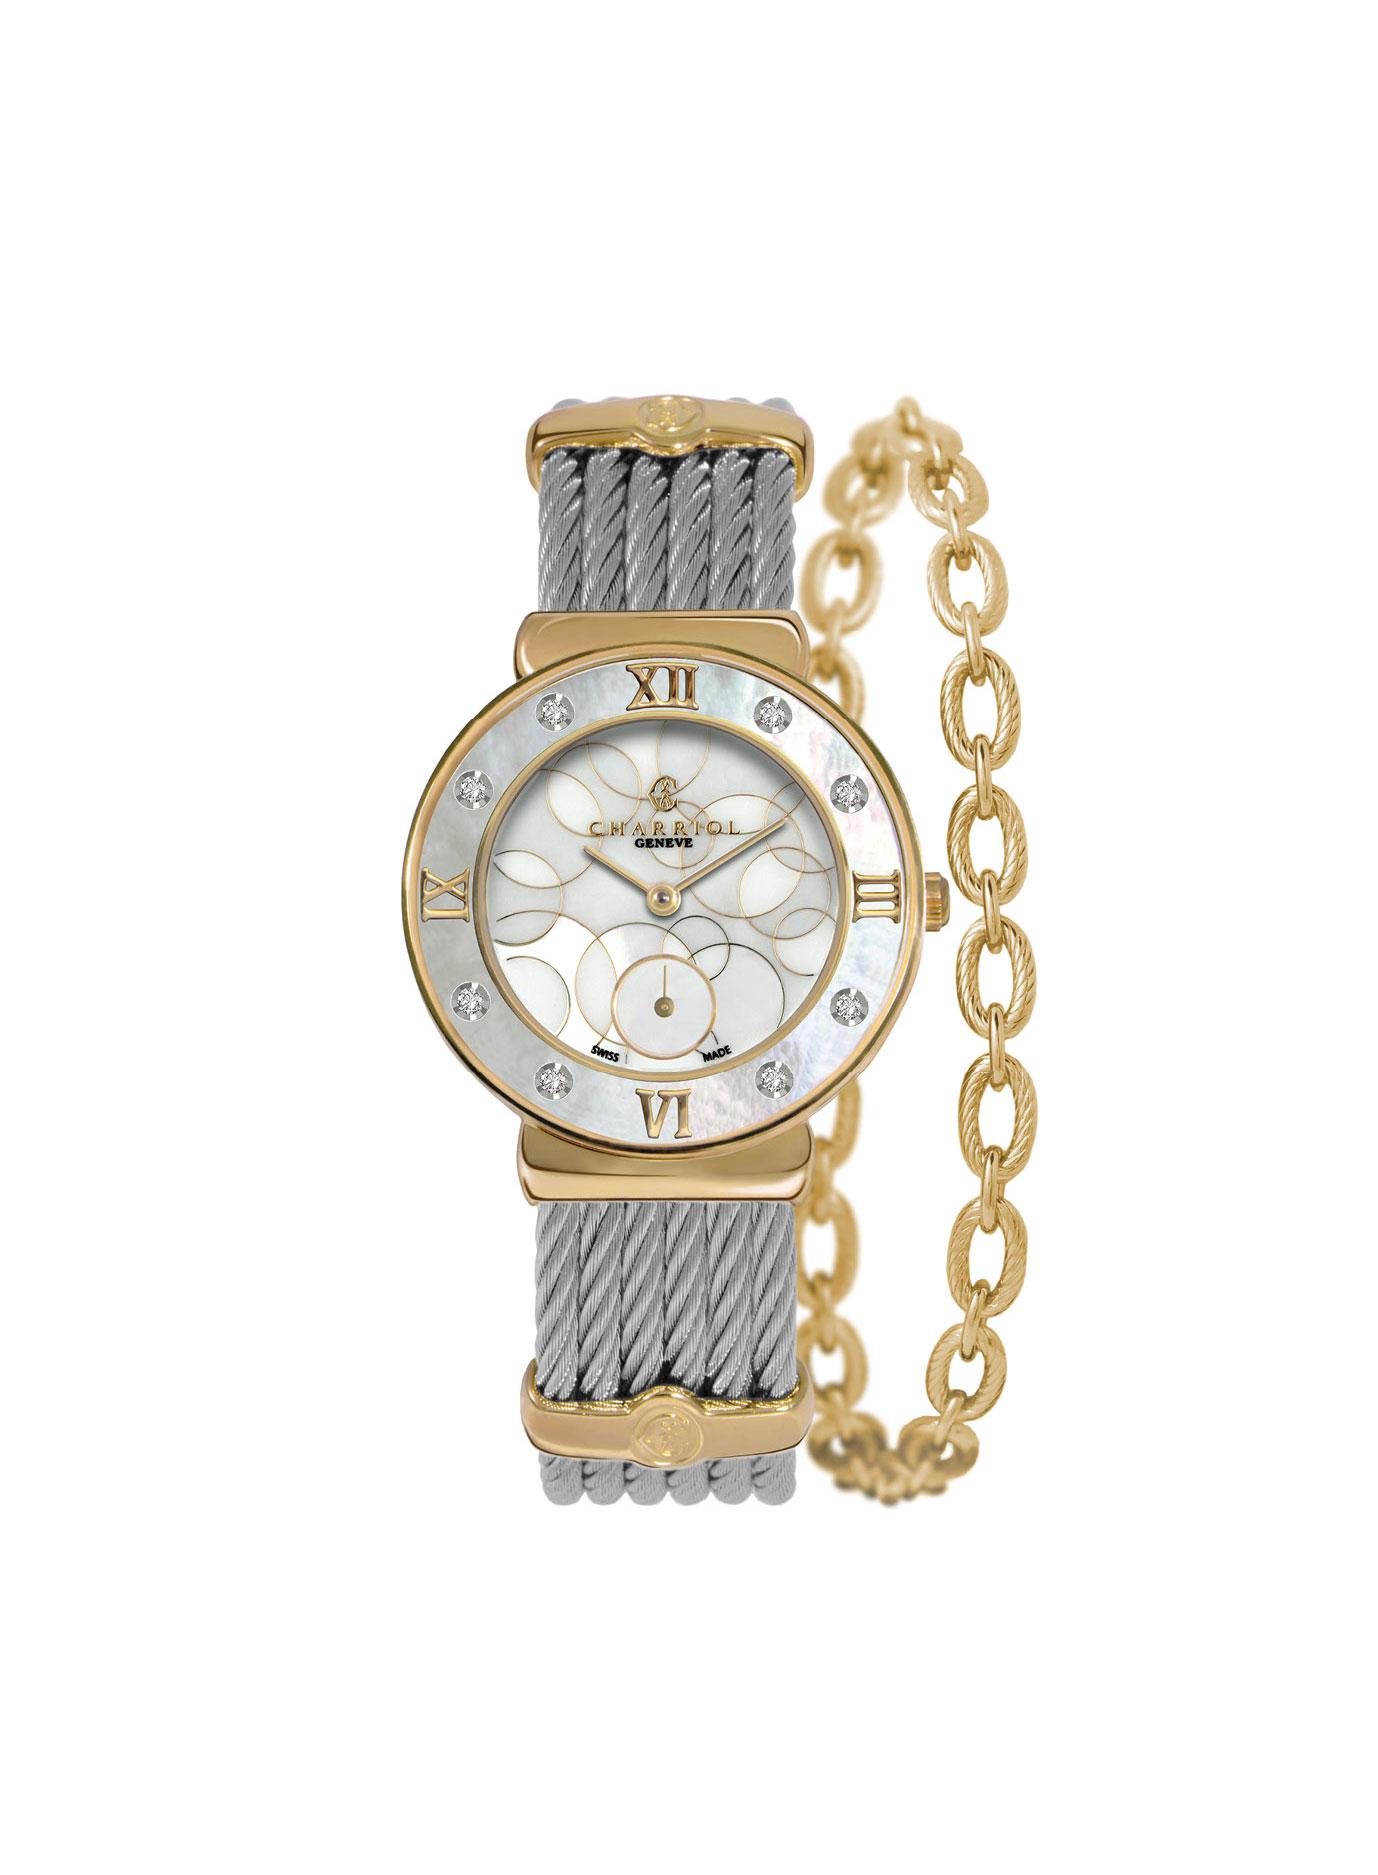 Charriol - St-tropez watch